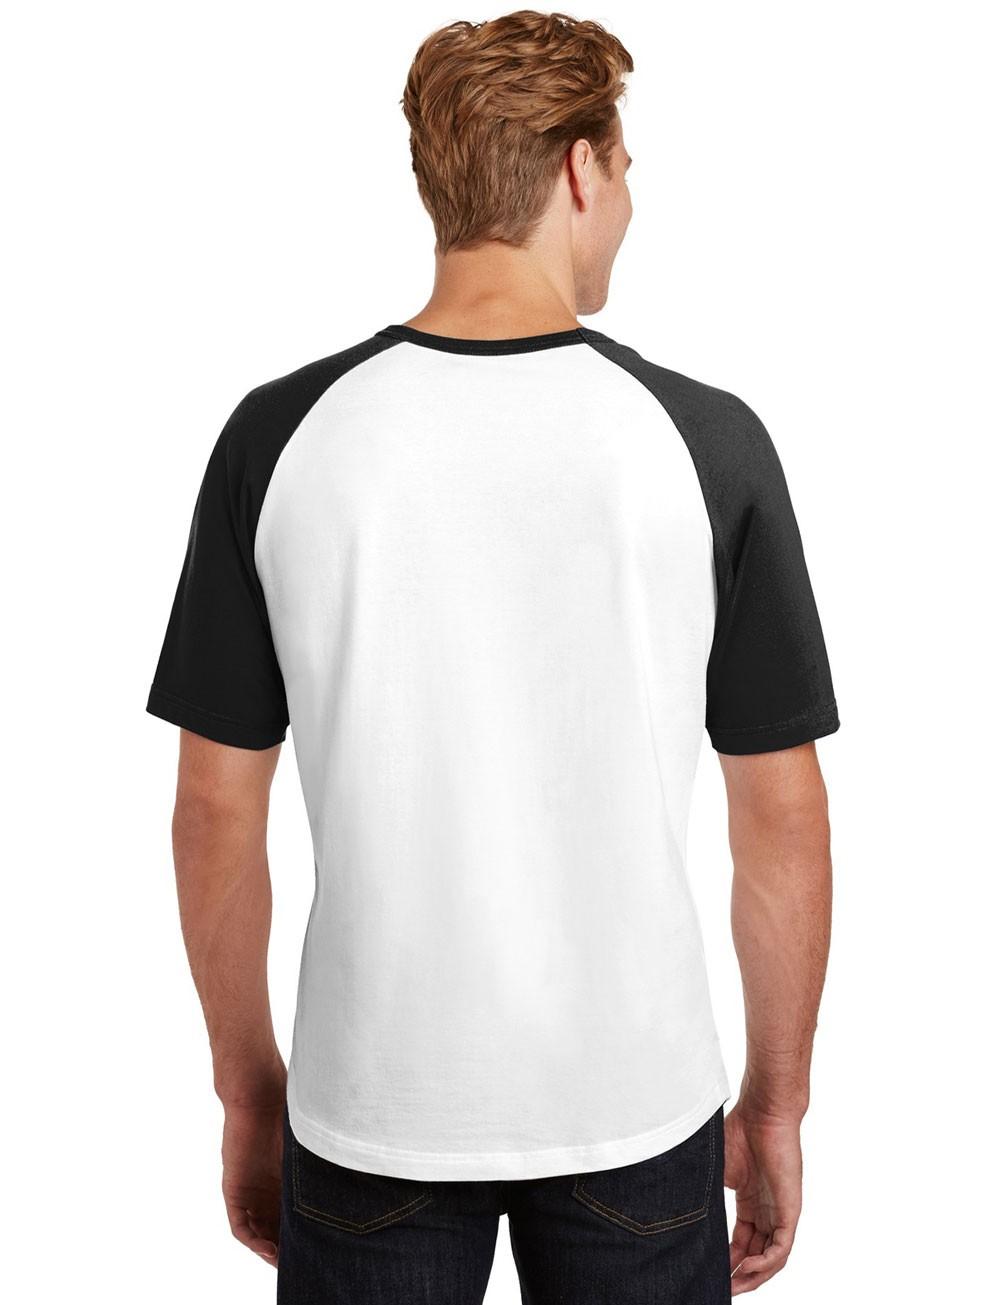 Camiseta Masculina Raglan Básica Lisa